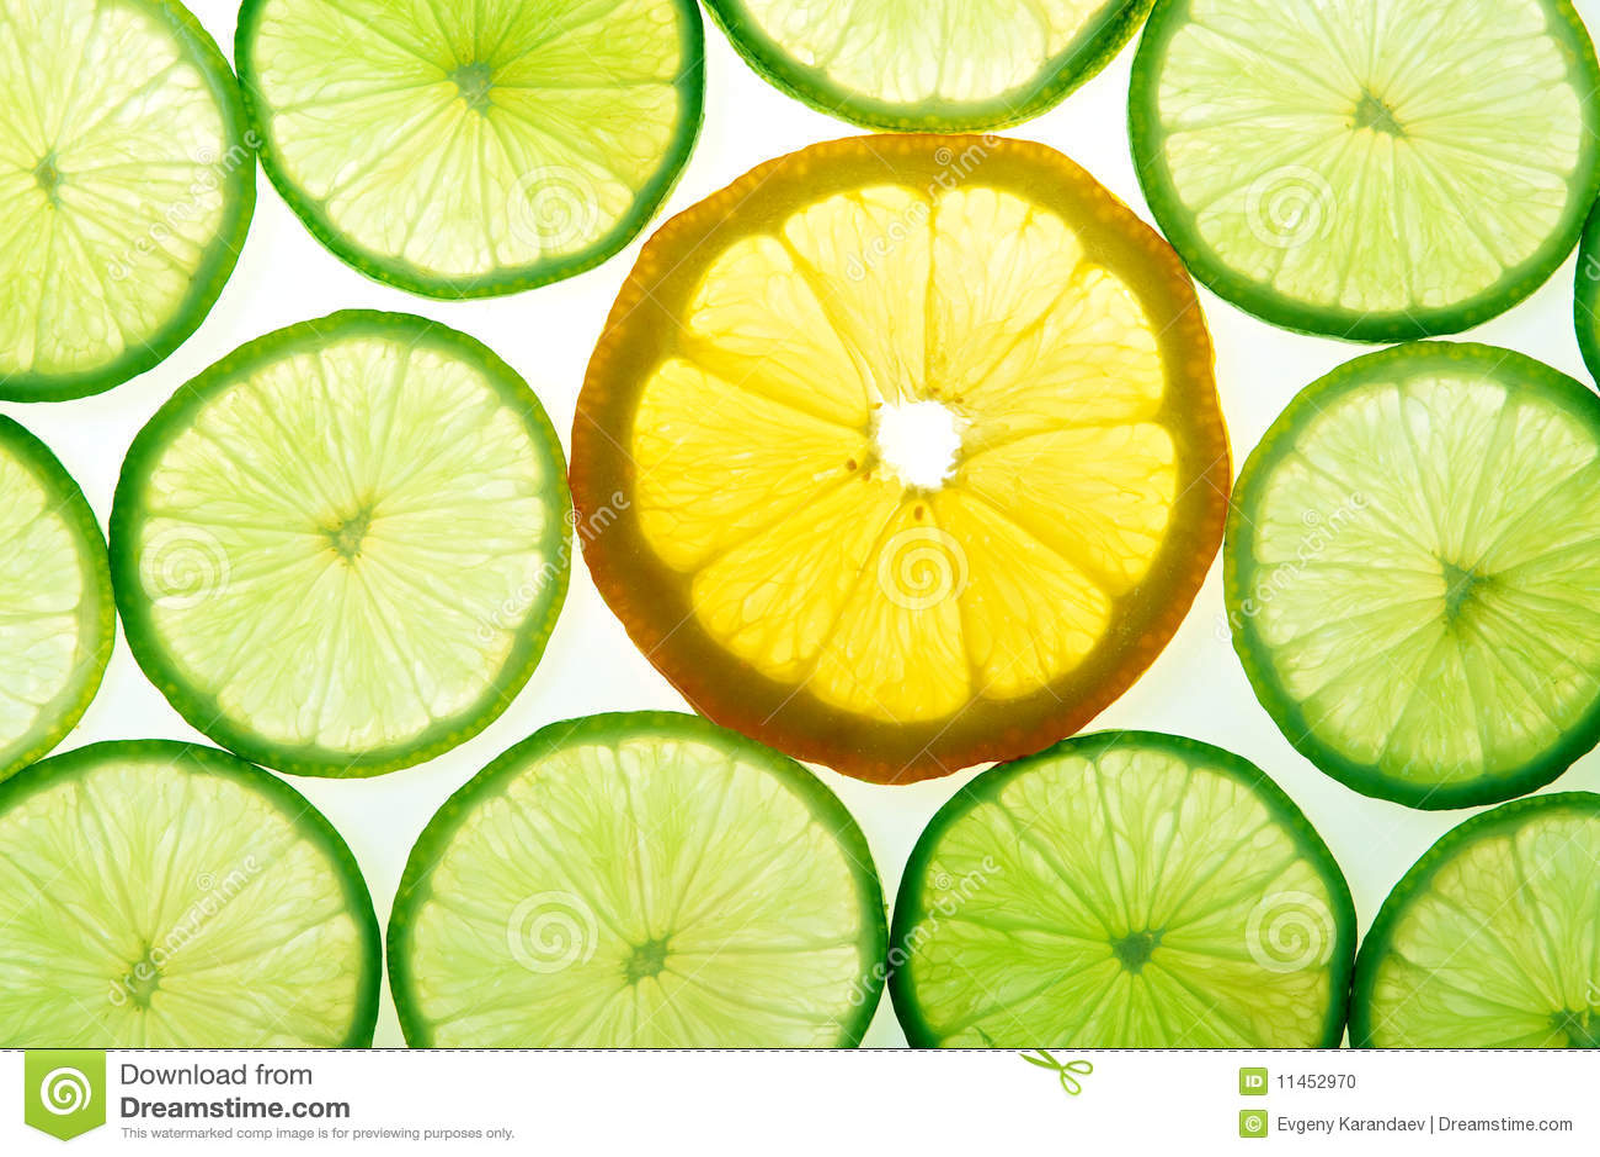 Grön citronlimefrukt skivar yellow